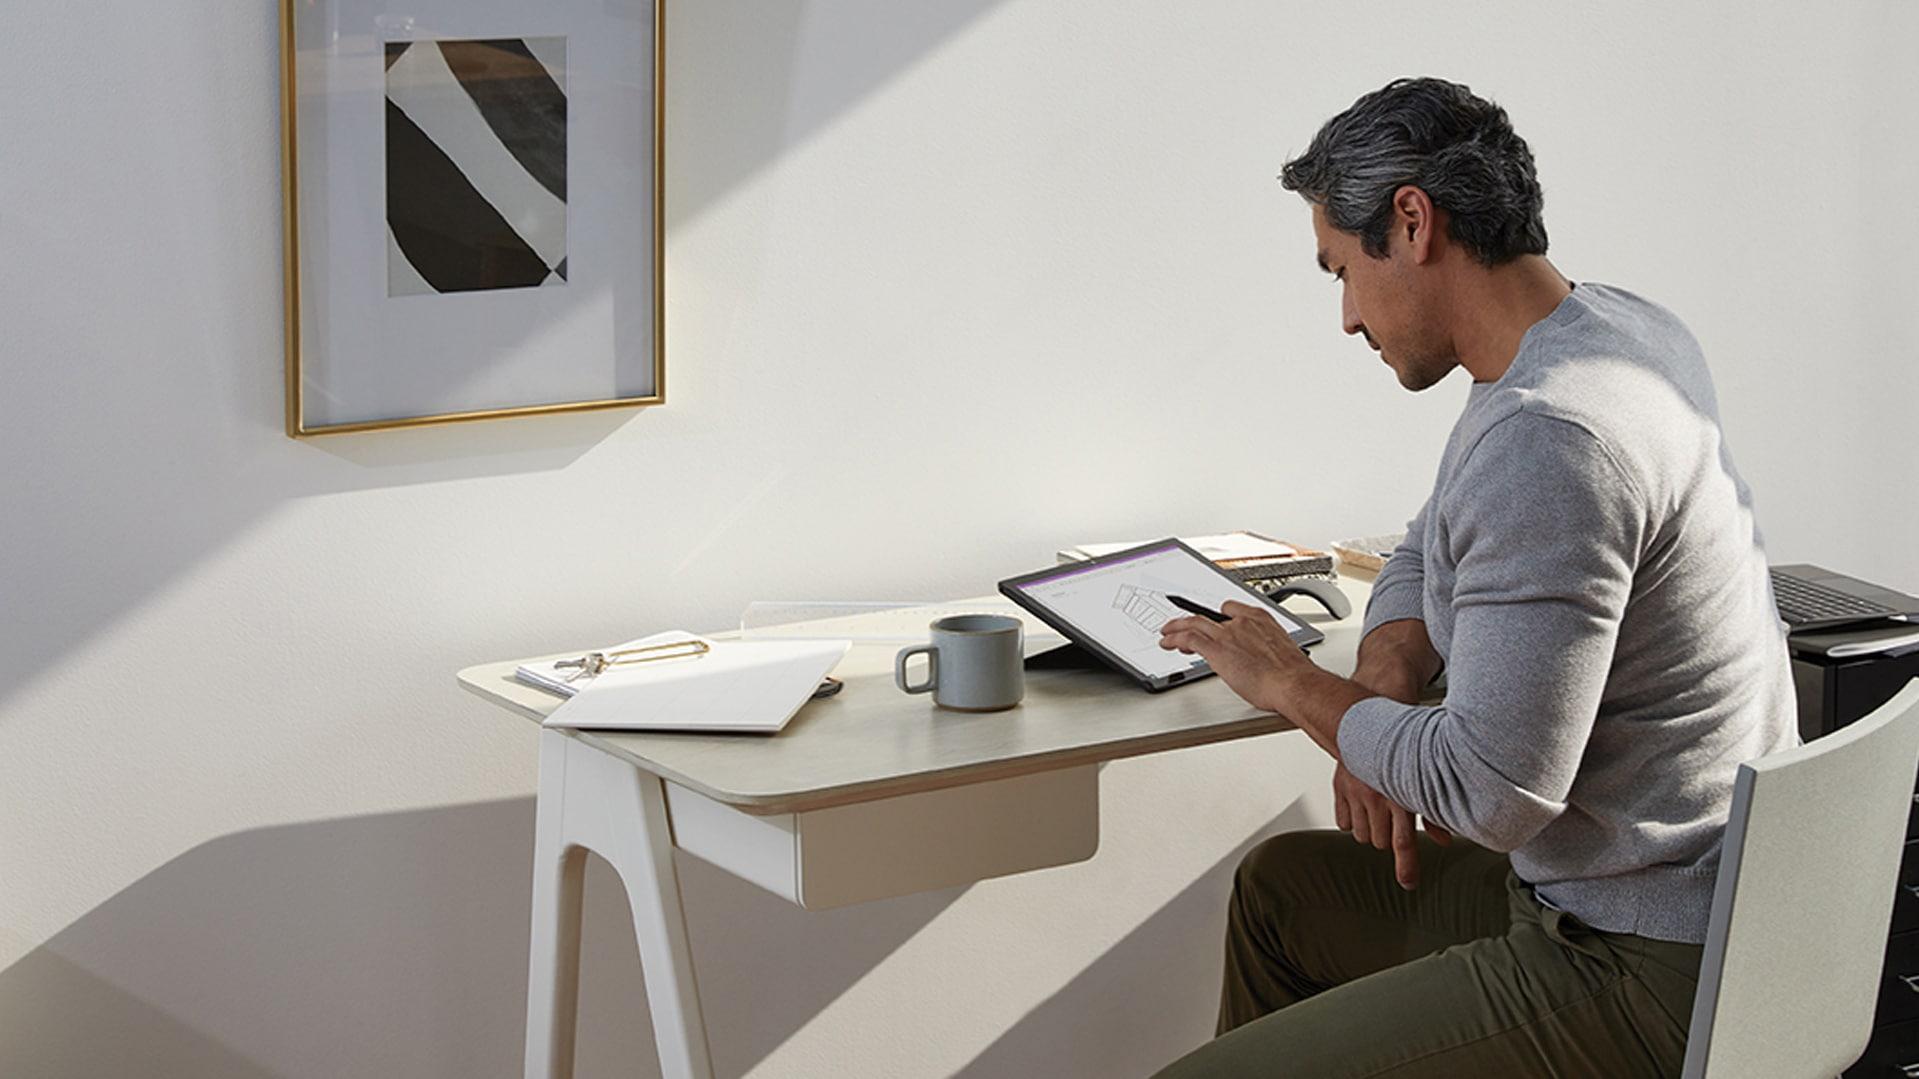 رجل يعمل من مكتبه المنزلي باستخدام قلم Surface وجهاز Surface Pro